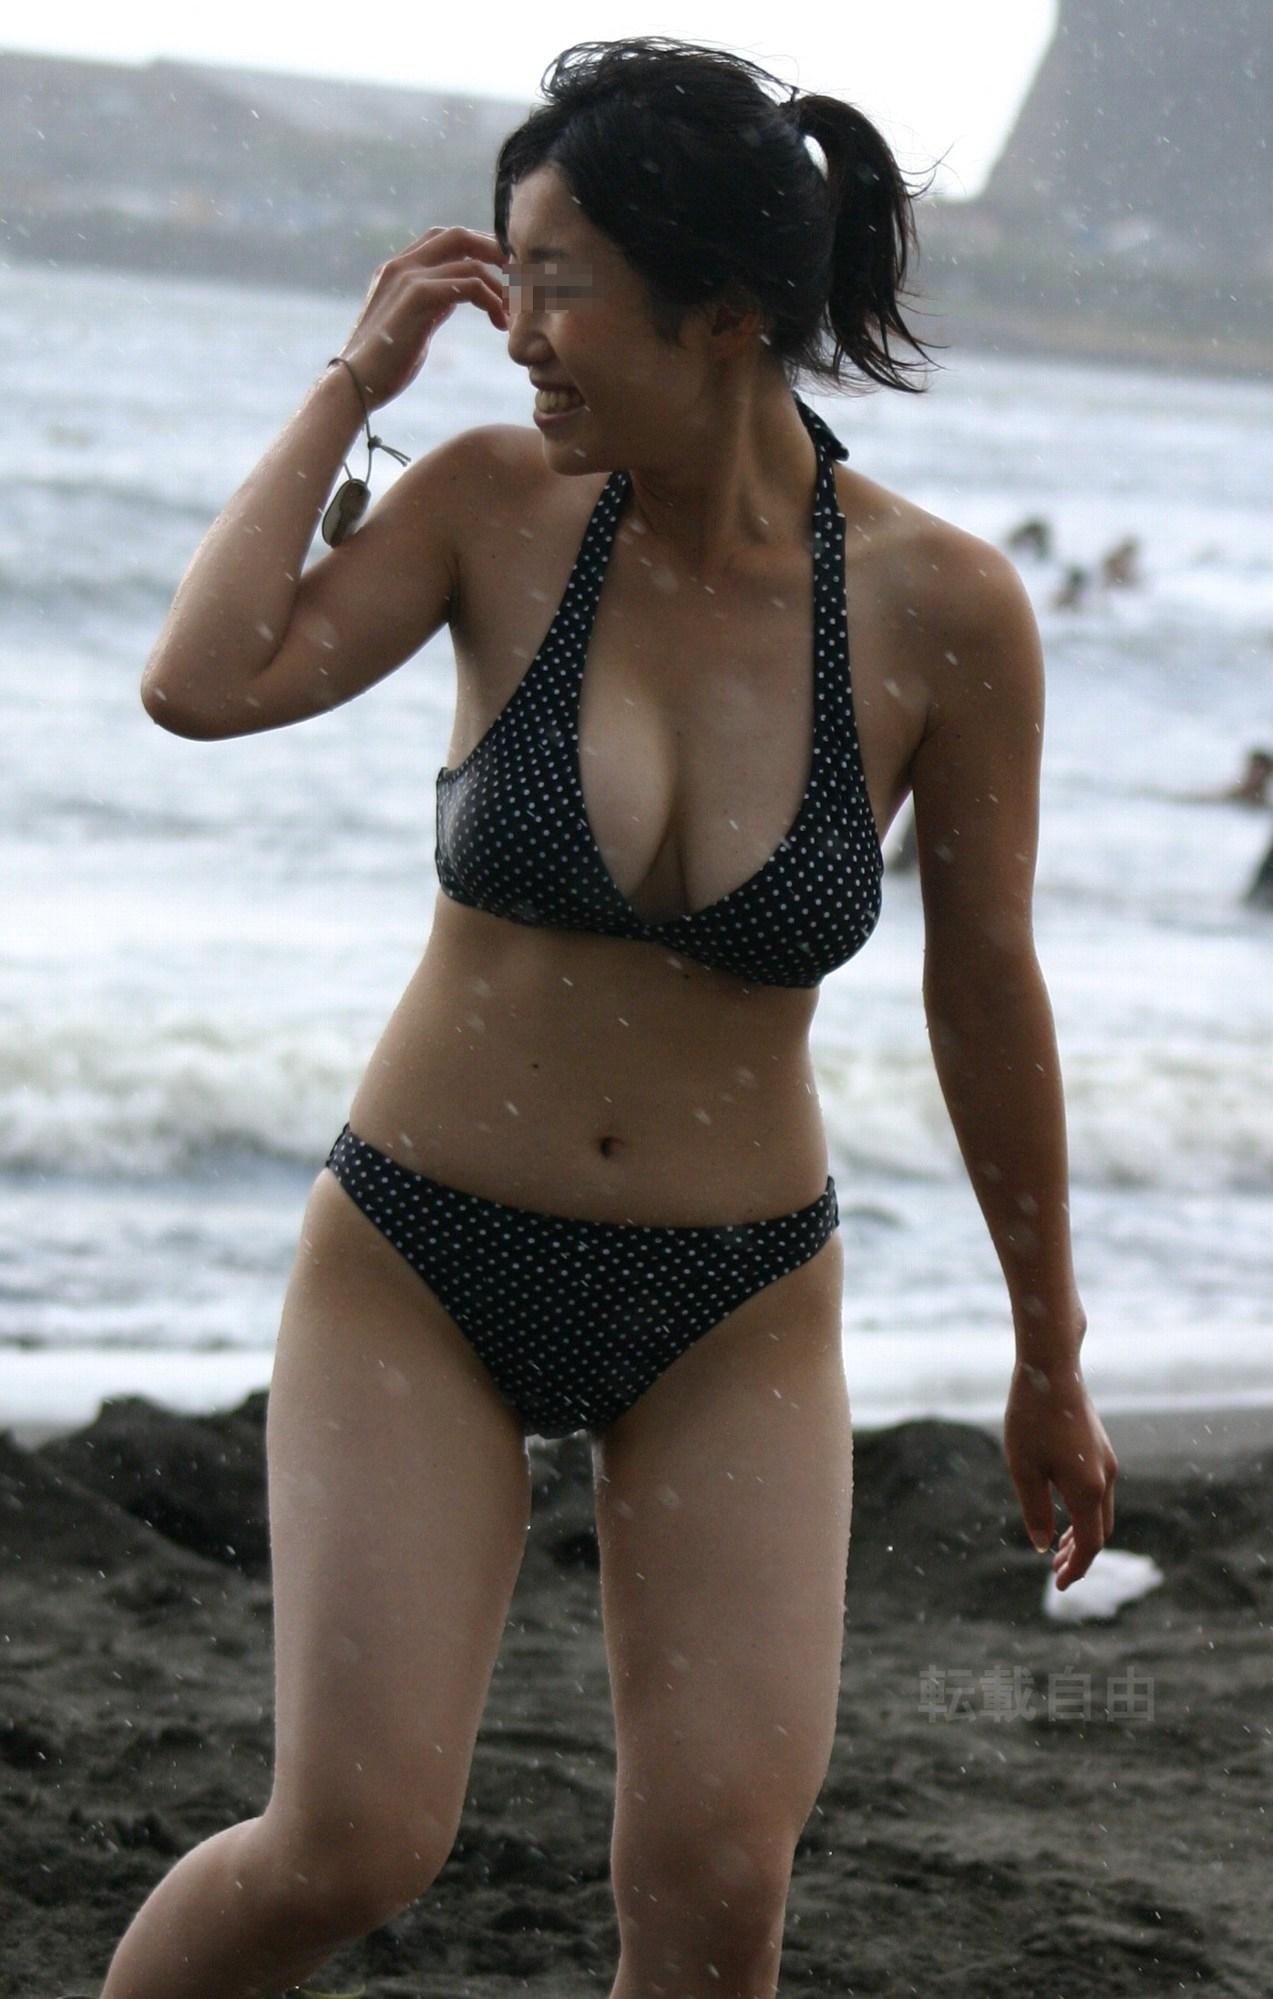 ボインボインに巨乳おっぱい腫らした素人ビキニ娘のエロ画像!! 0405